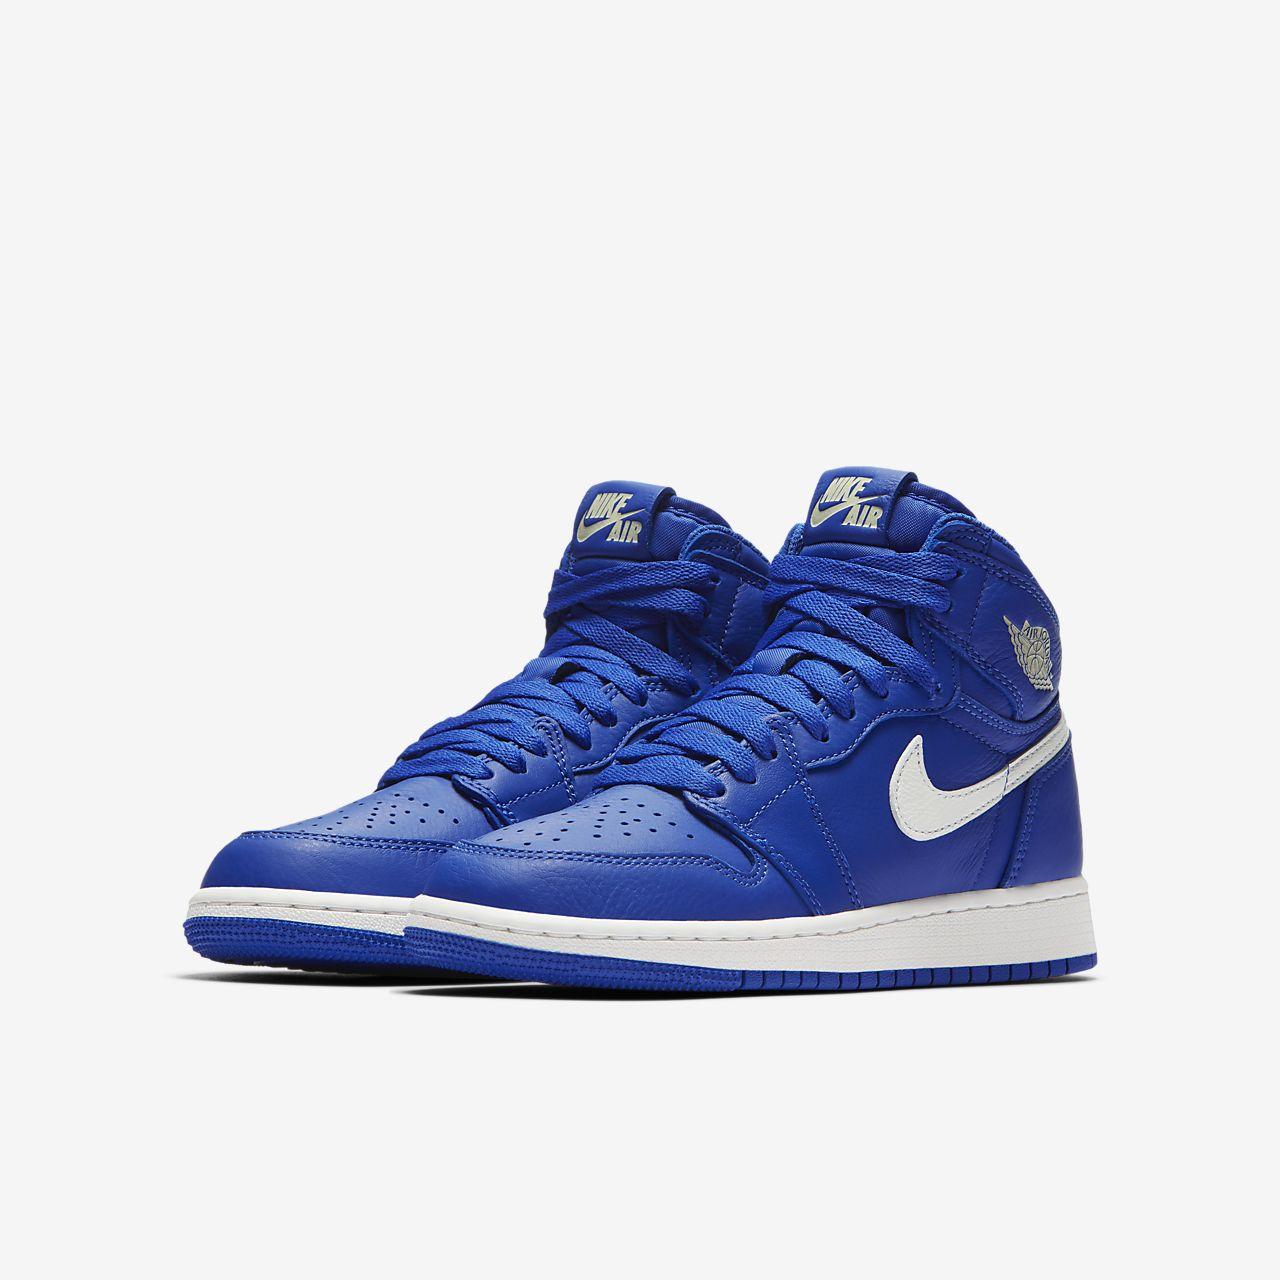 48783771aec Air Jordan 1 Retro High OG Boys' Shoe. Nike.com GB